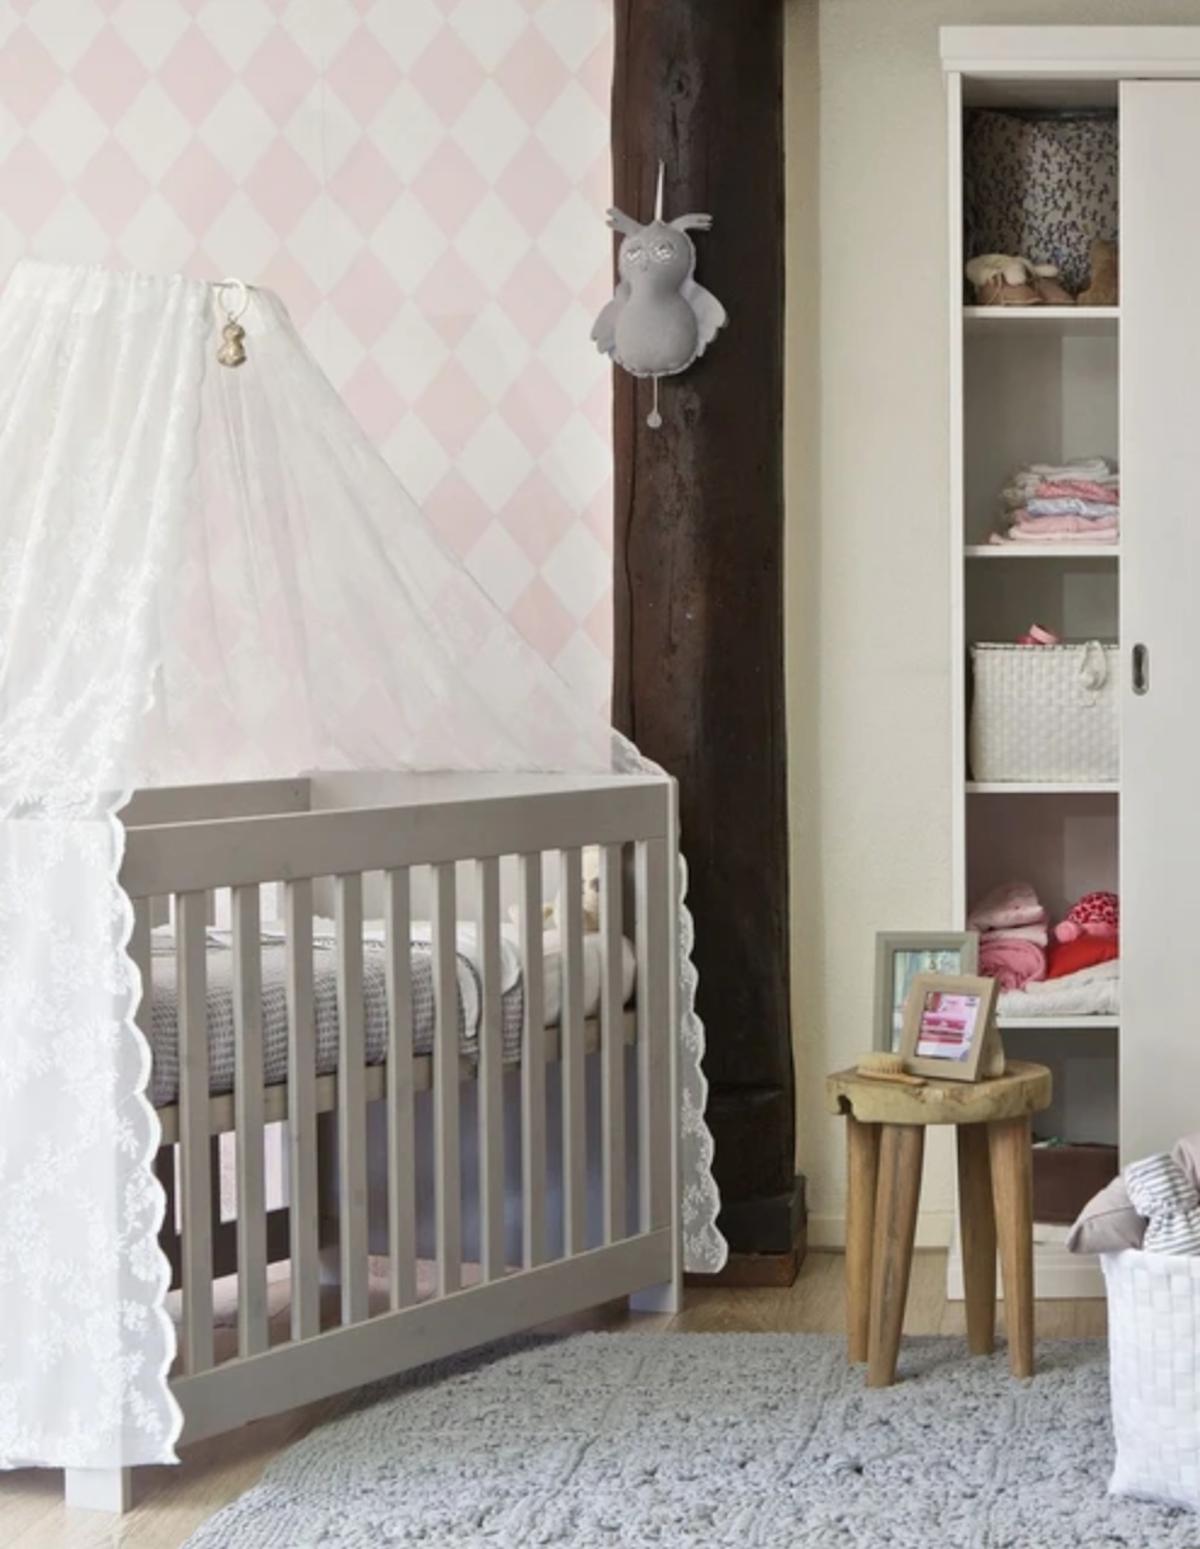 chambre nourrisson bébé lit gris doudou peluche clematc